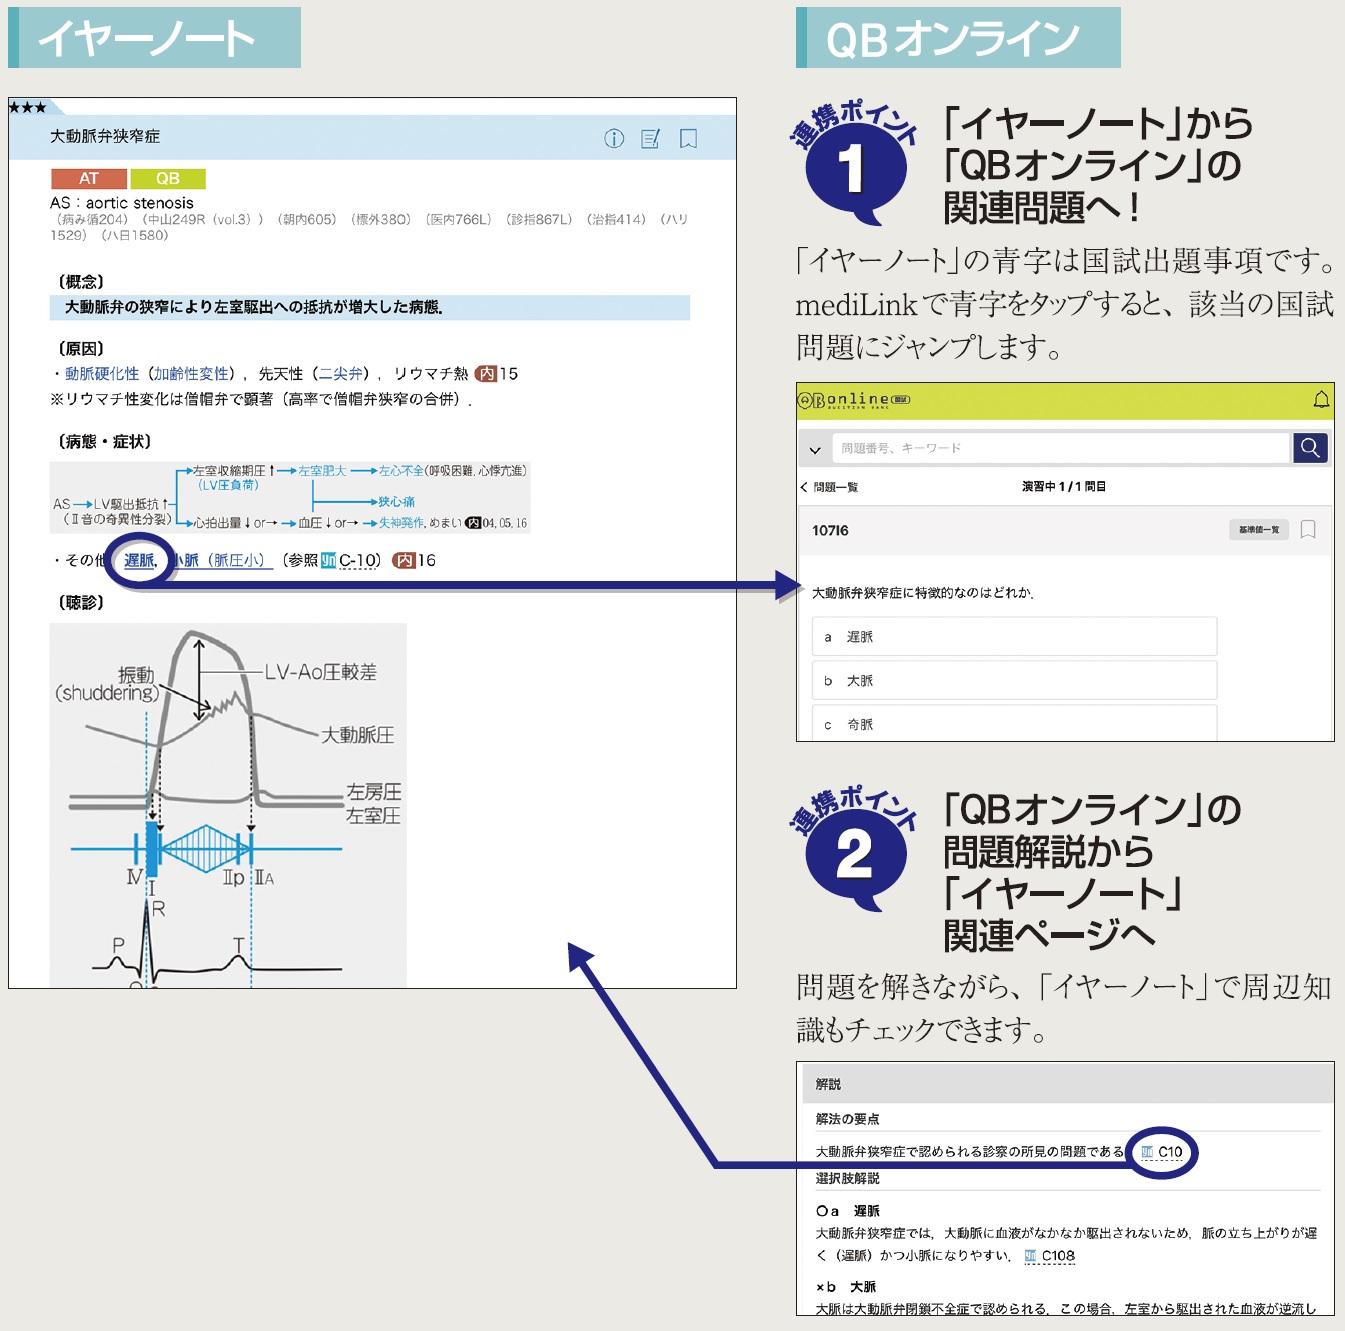 イヤーノートアプリ QBオンライン連携、国試出題箇所の青字で演習